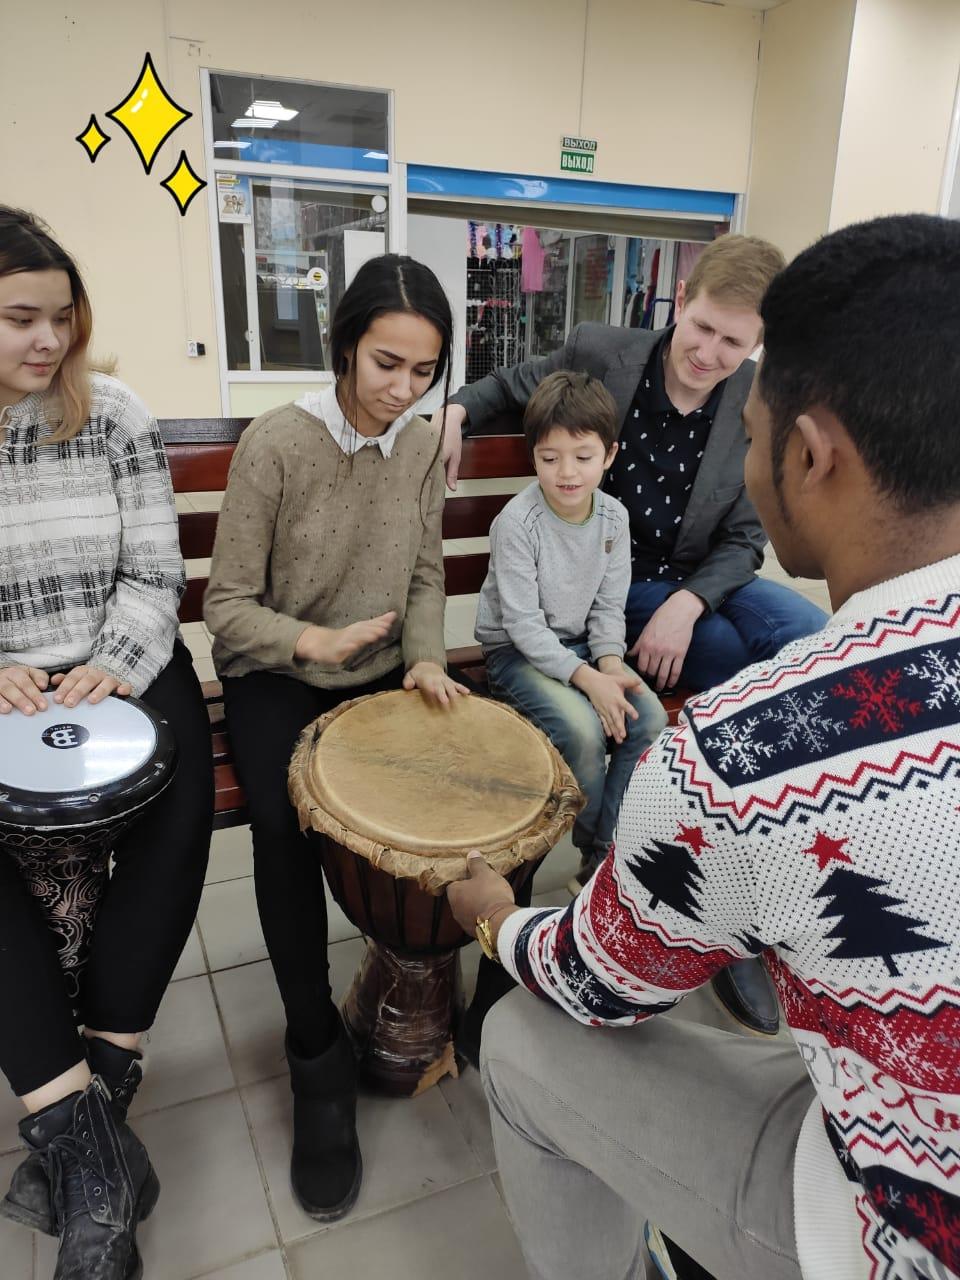 Бесплатный мастер-класс по игре на барабанах